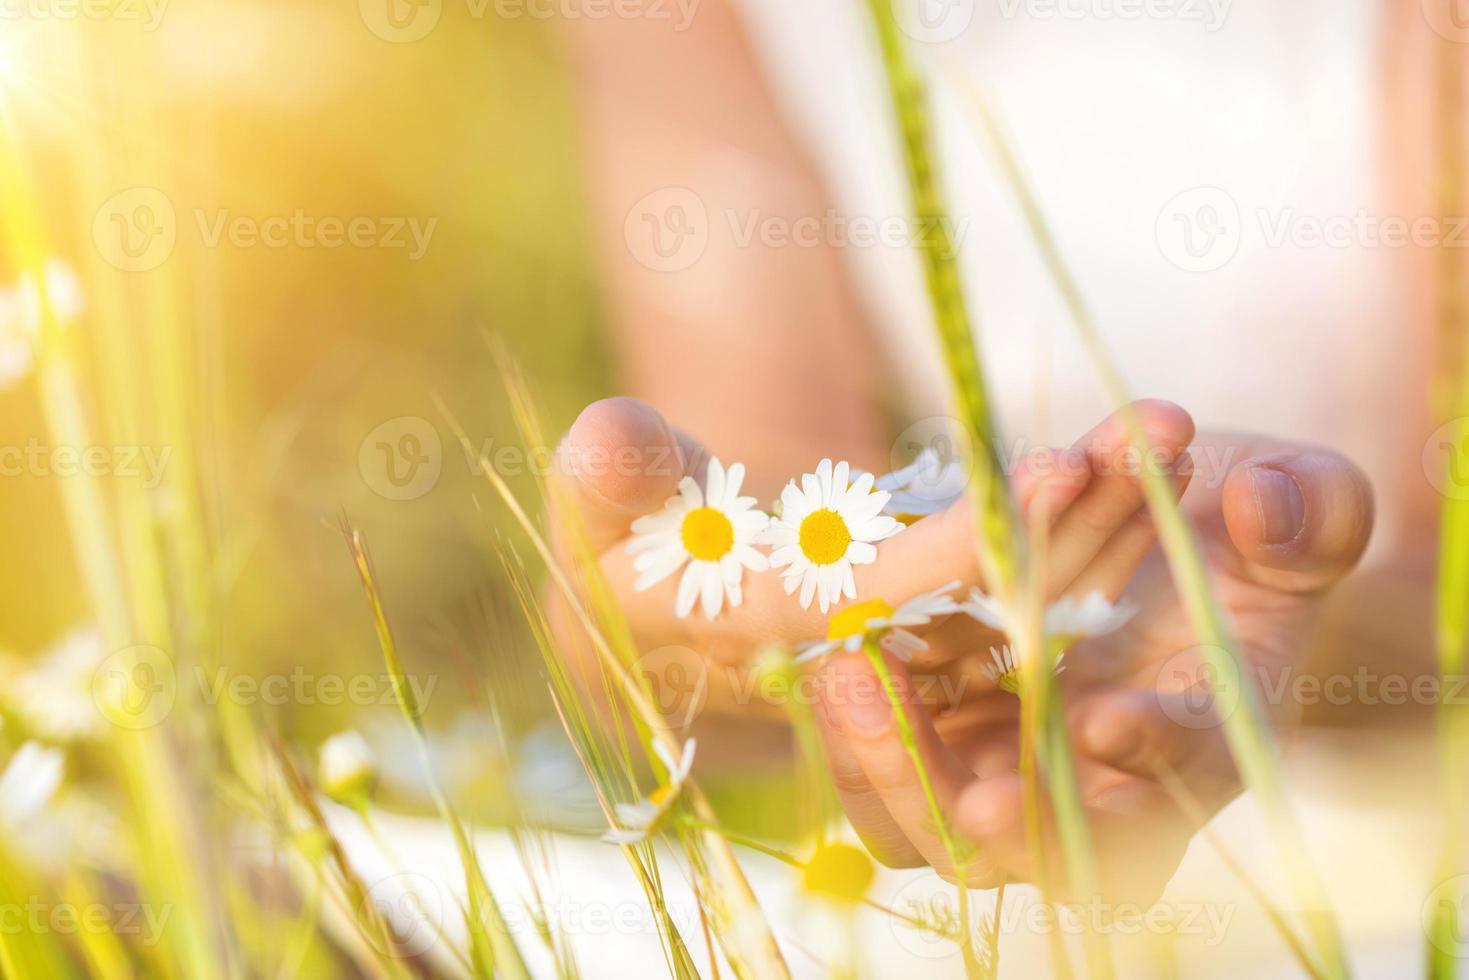 mulher segurando flores foto